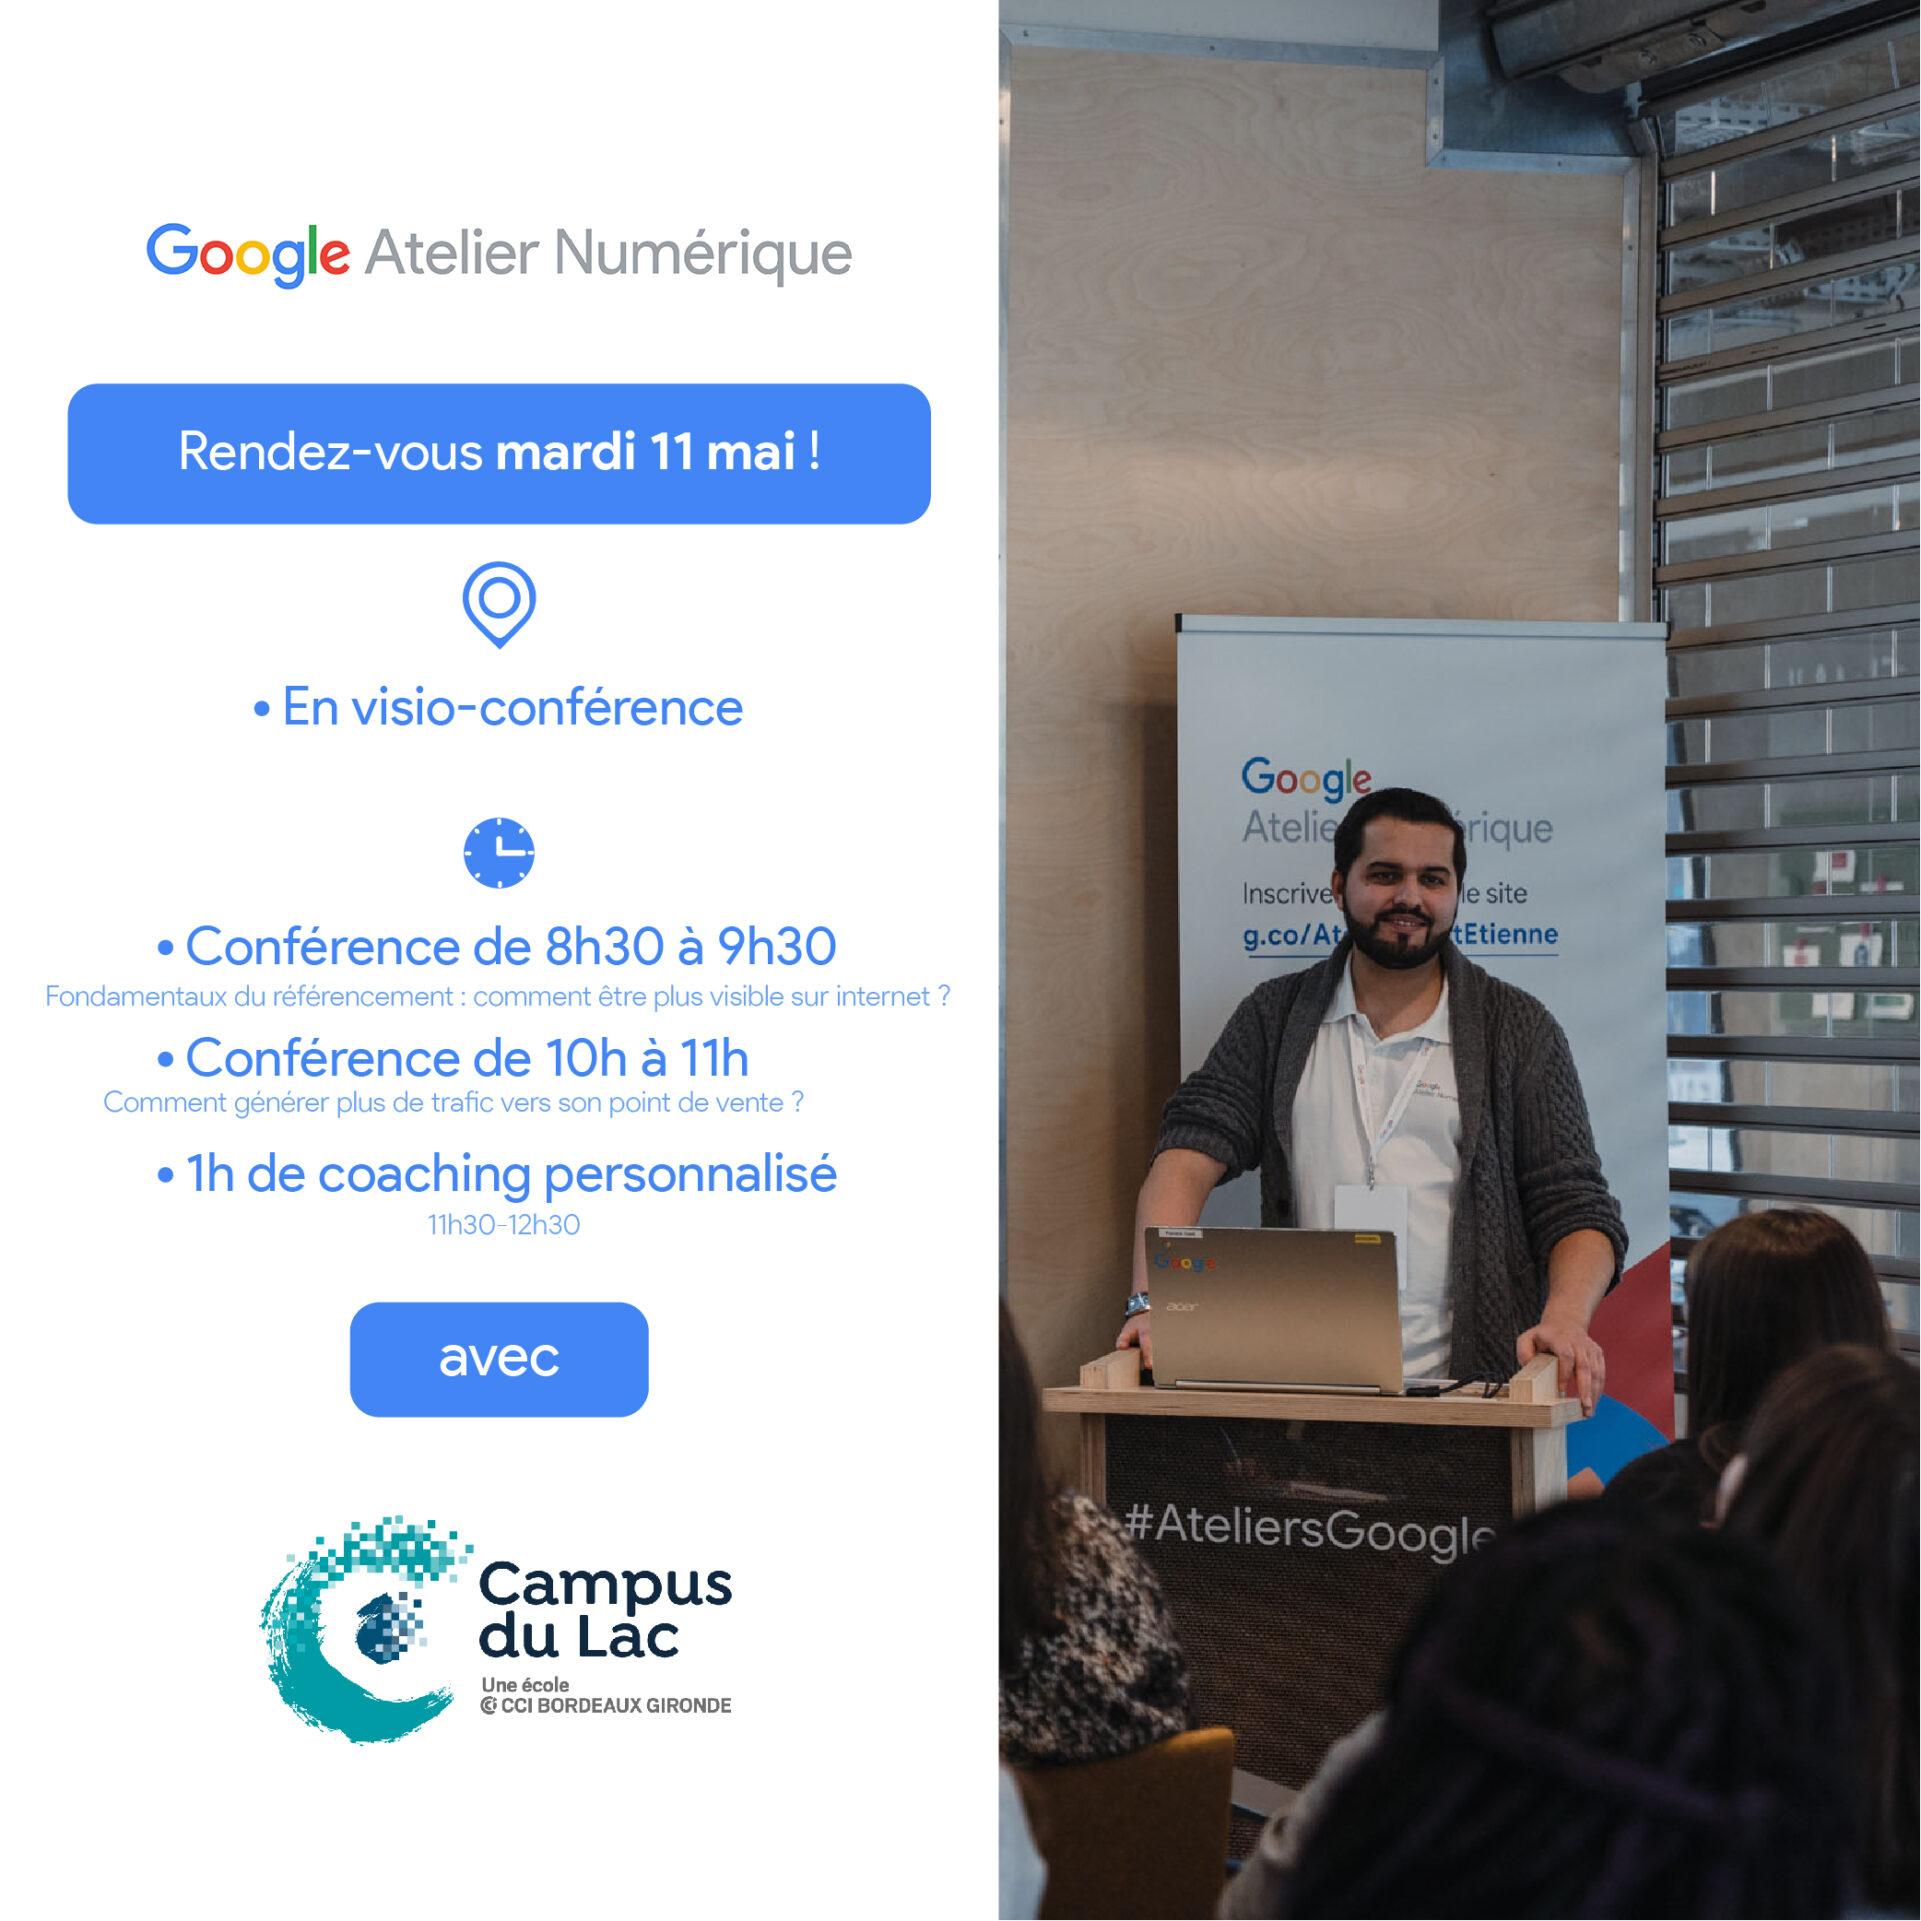 atelier google numérique